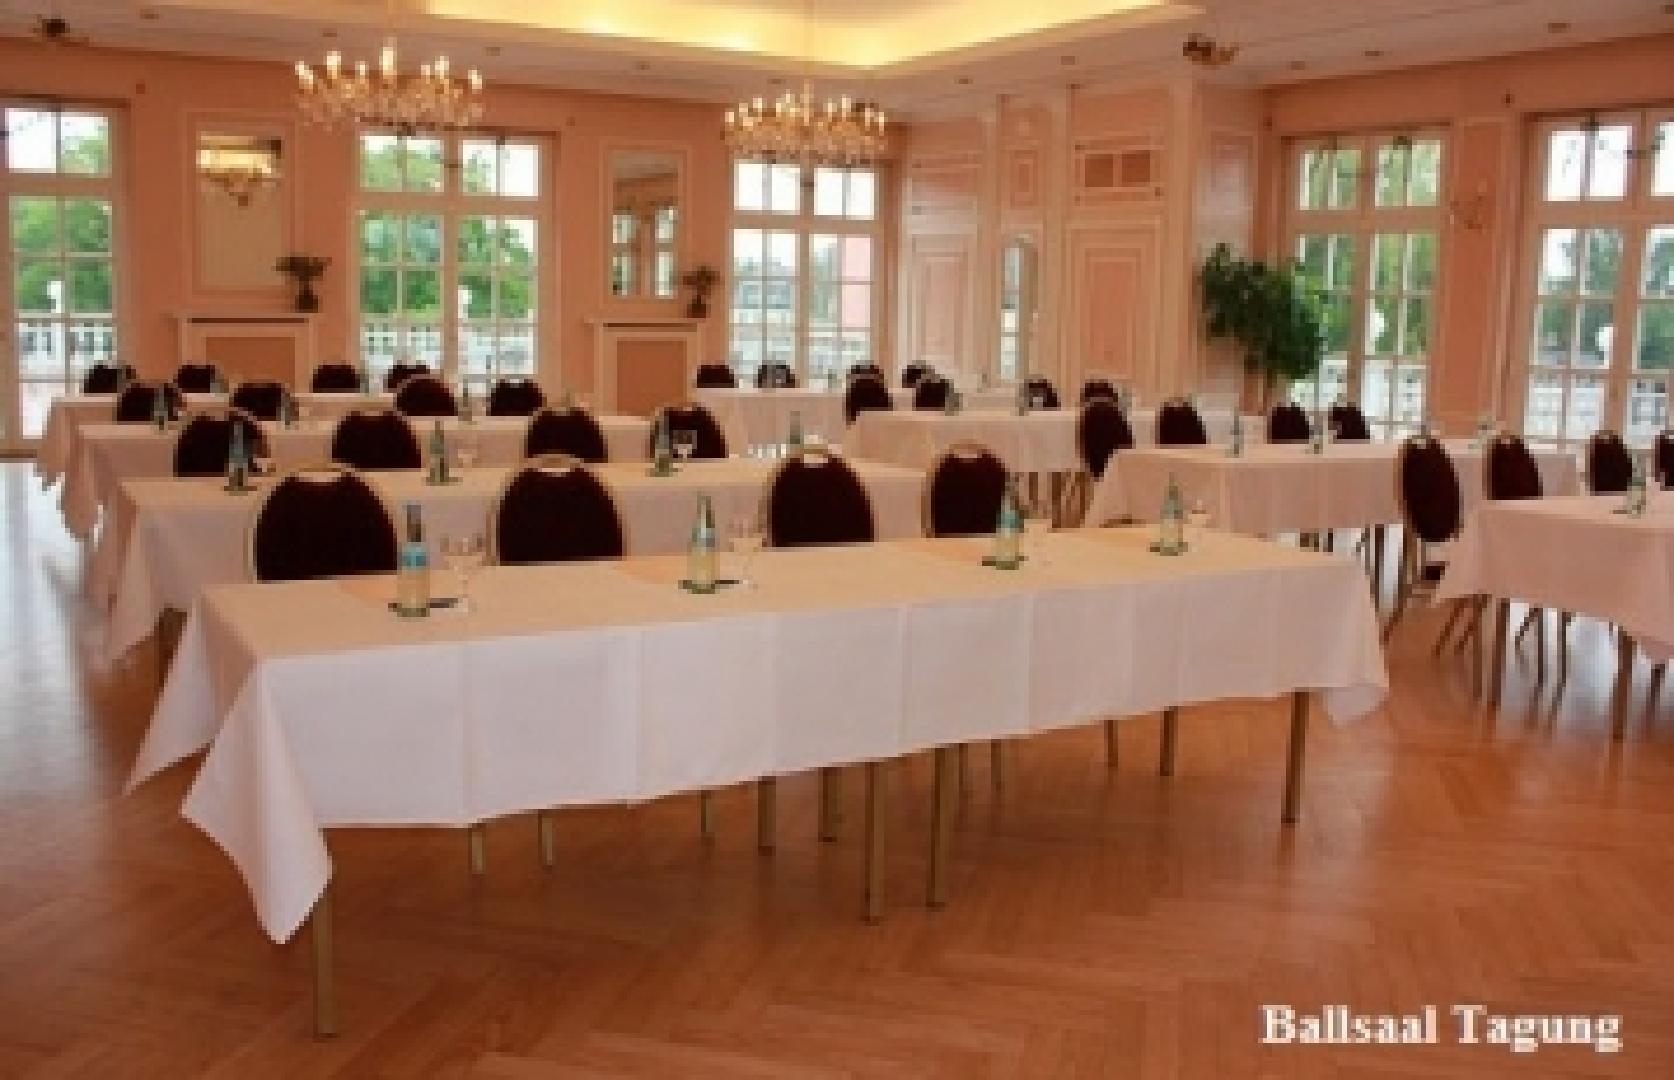 Ballsaal Tagung